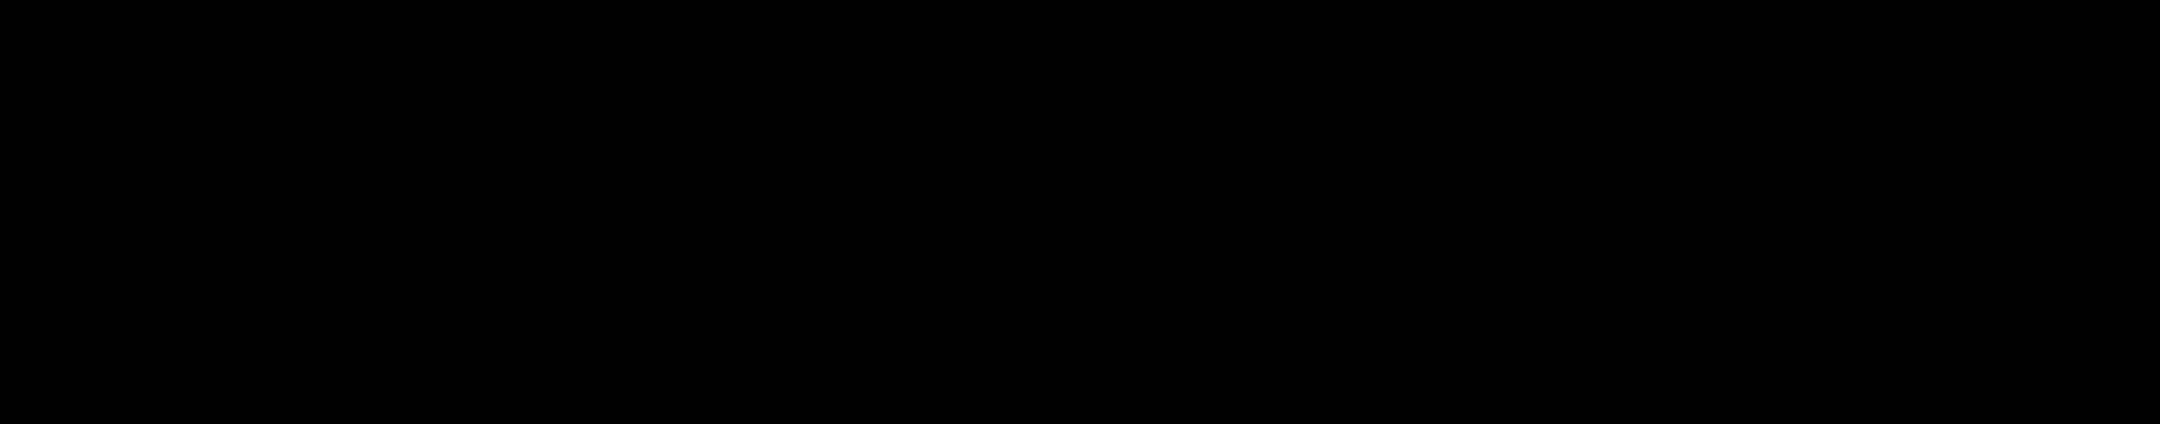 c6 bank logo 1 - C6 Bank Logo